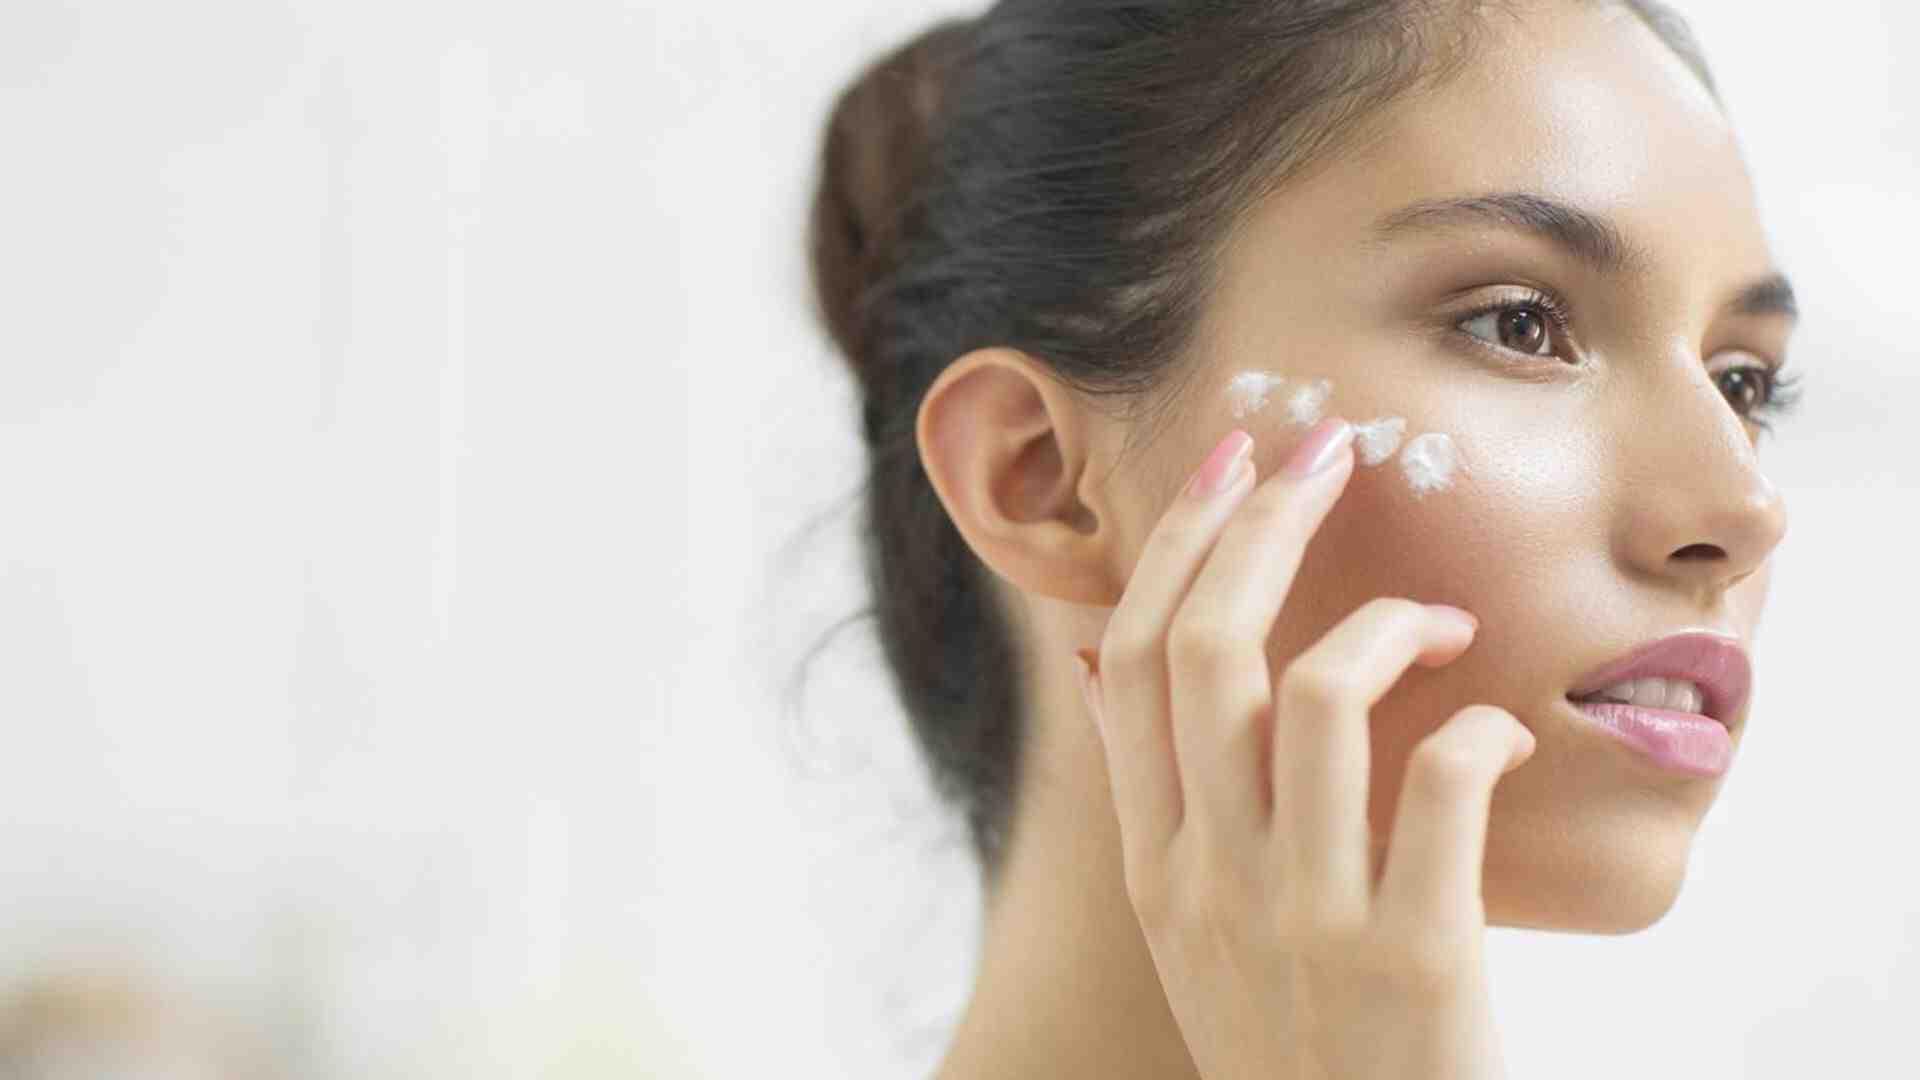 Comment éliminer rapidement les boutons sur le visage?